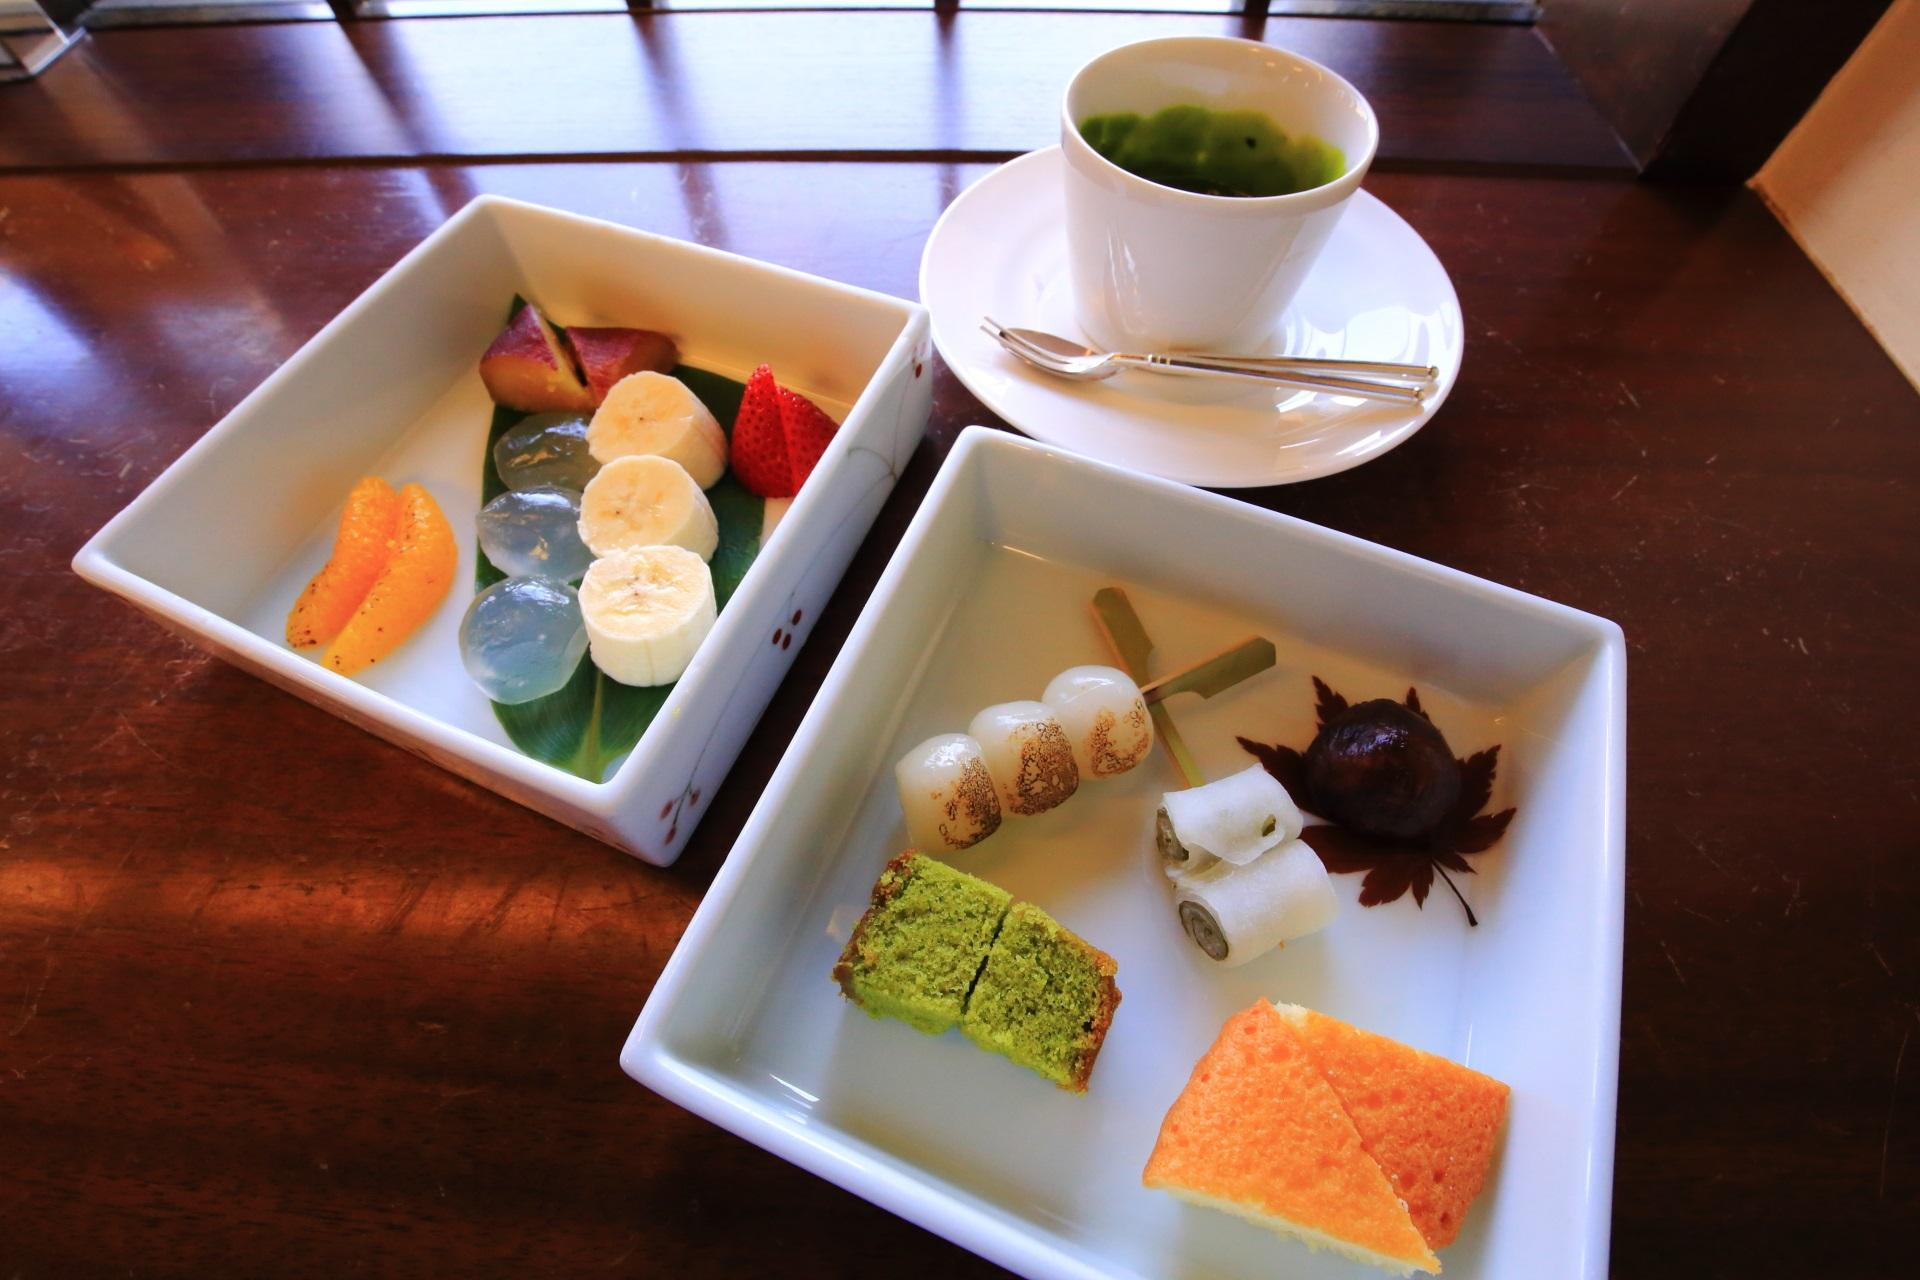 祇園の京洋菓子司ジュヴァンセルの祇園フォンデュ(税込1,458円)